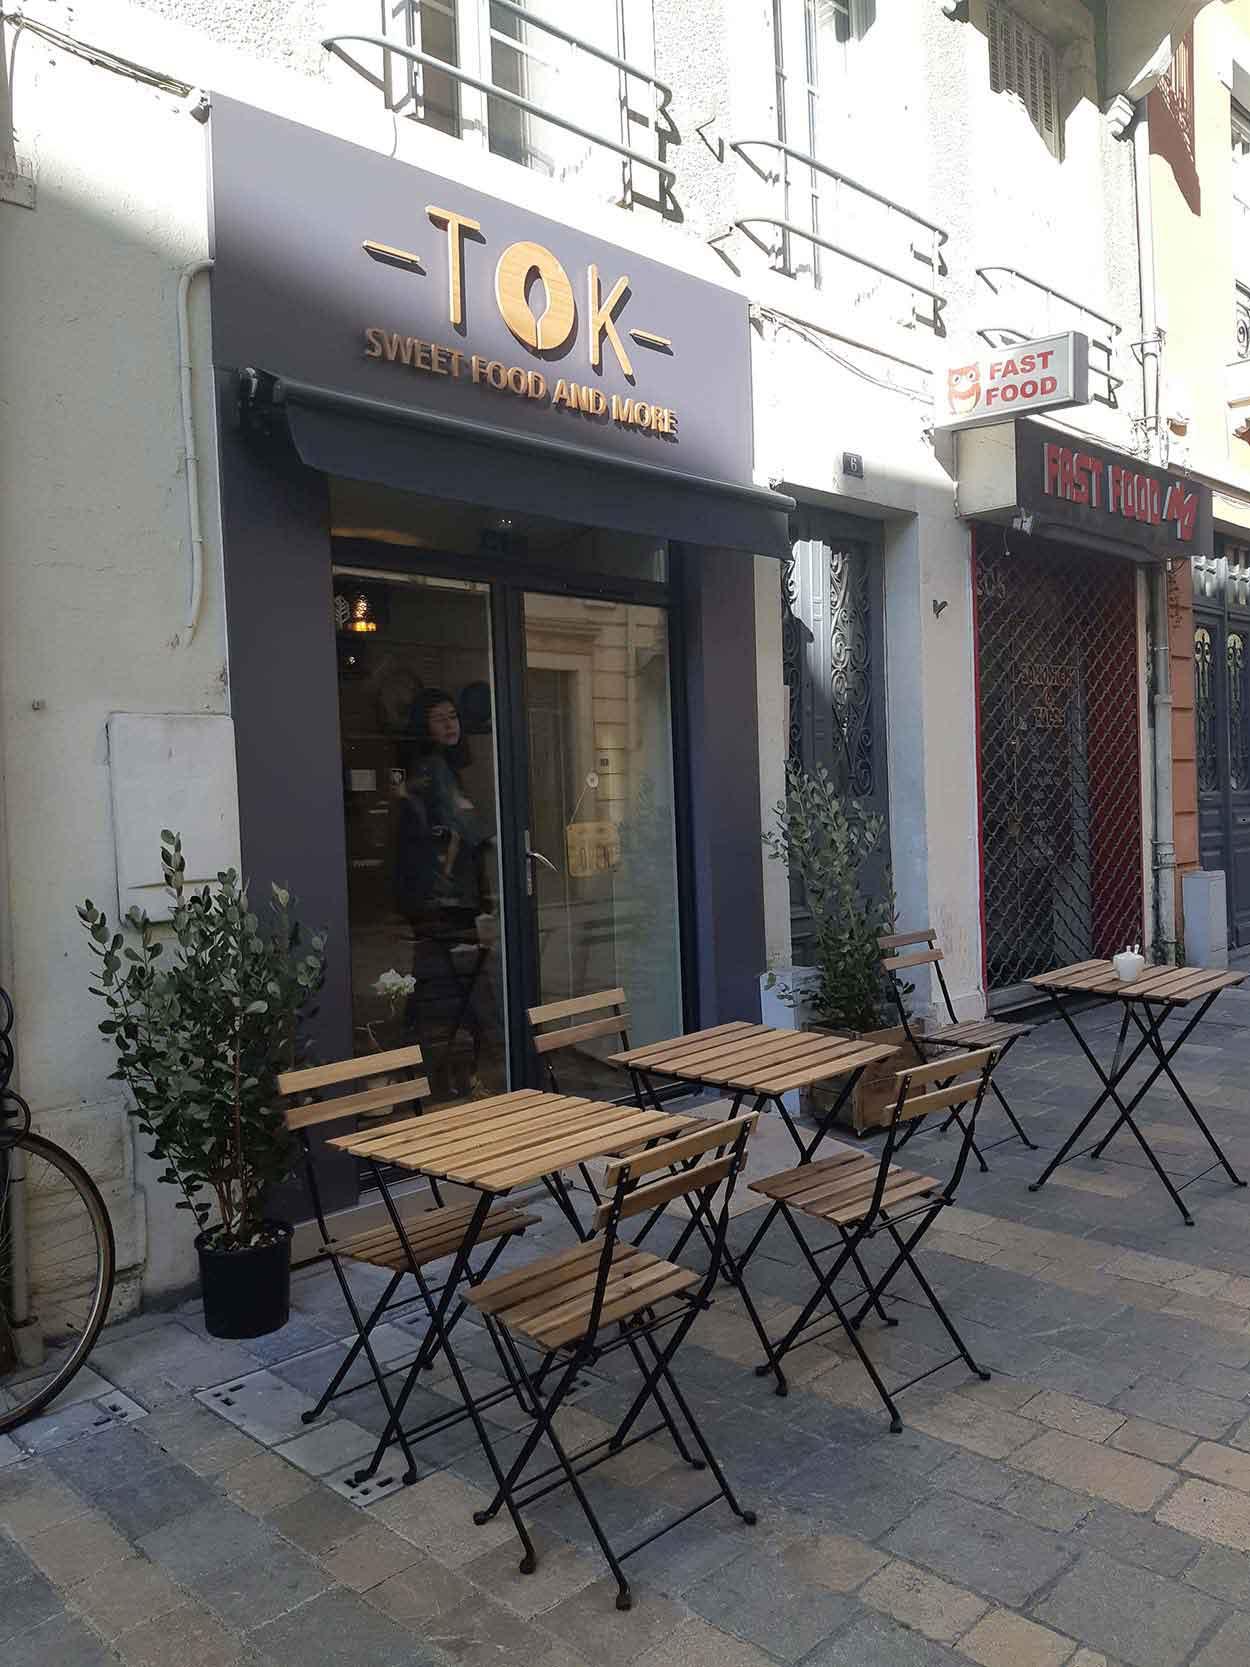 Maré Design vous accompagne dans la création de façades commerciales Pau, Bayonne, Toulouse, Bordeaux, Tarbes, Mont de Marsan, Lourdes.